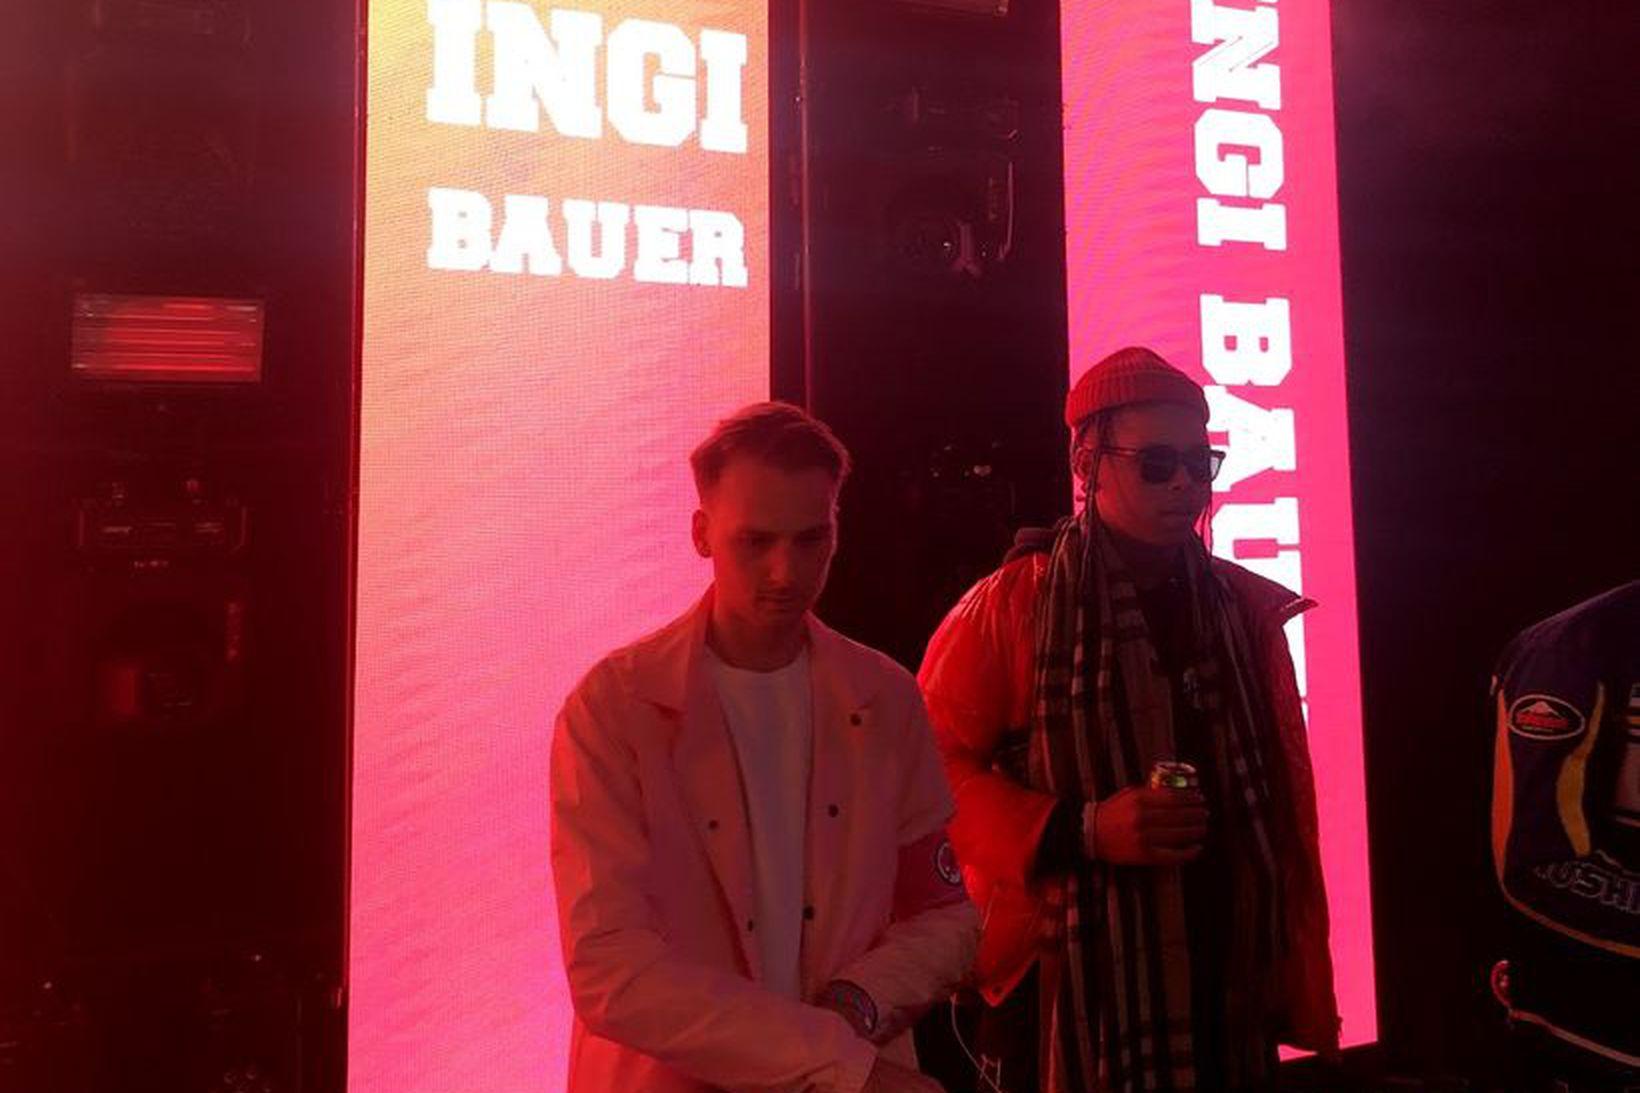 Ingi Bauer spilaði á Þjóðhátíð.